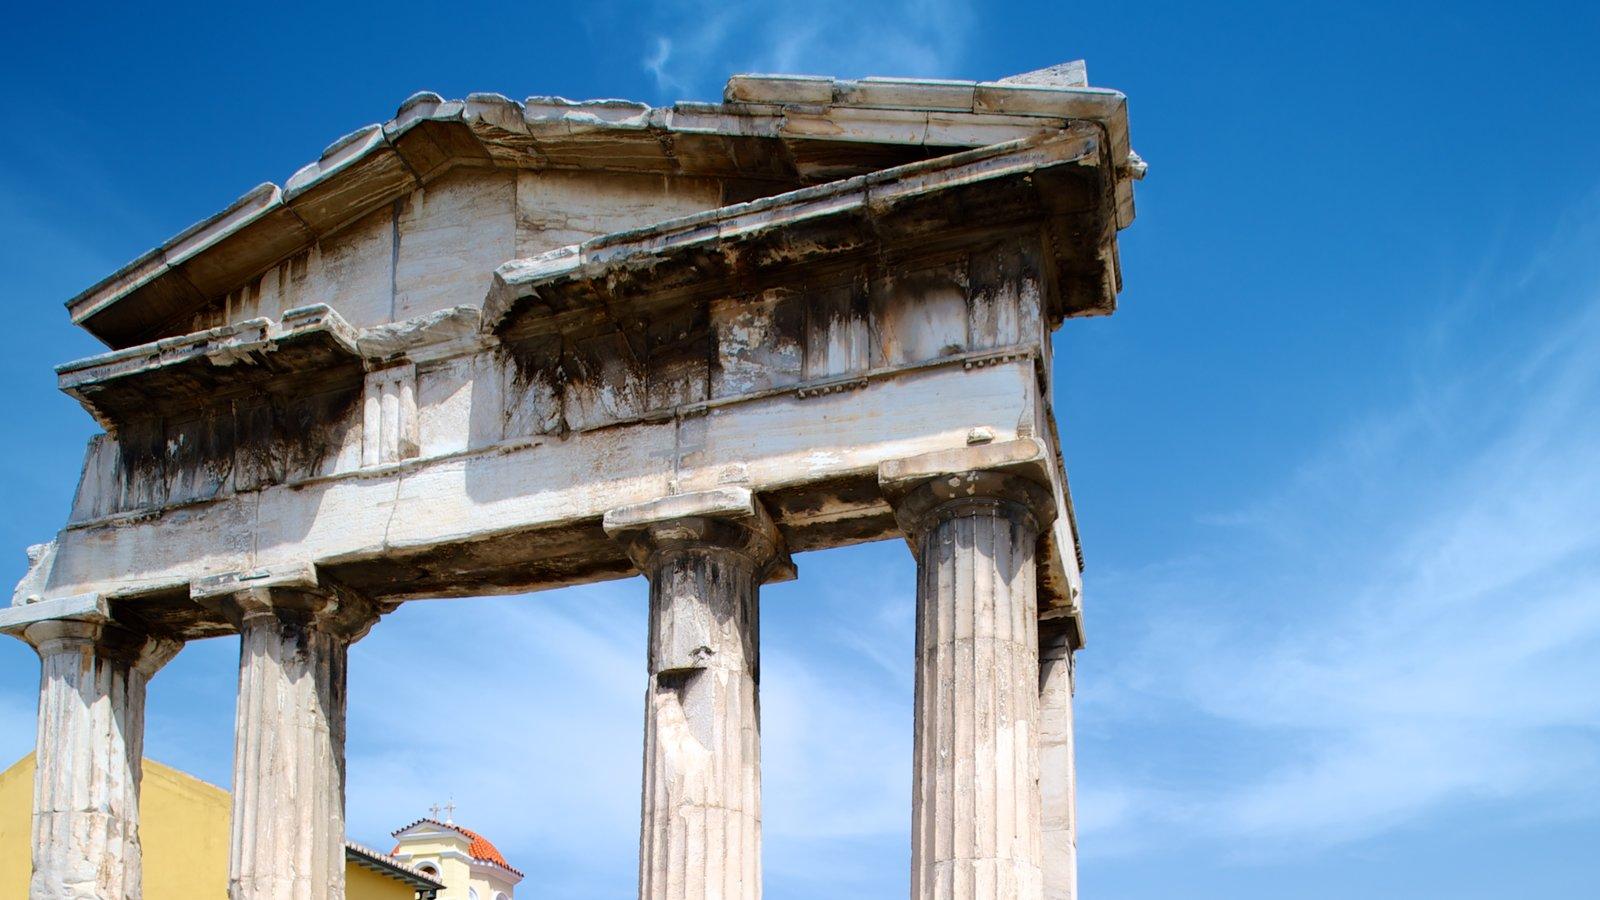 Ágora Romana caracterizando elementos de patrimônio e ruínas de edifício